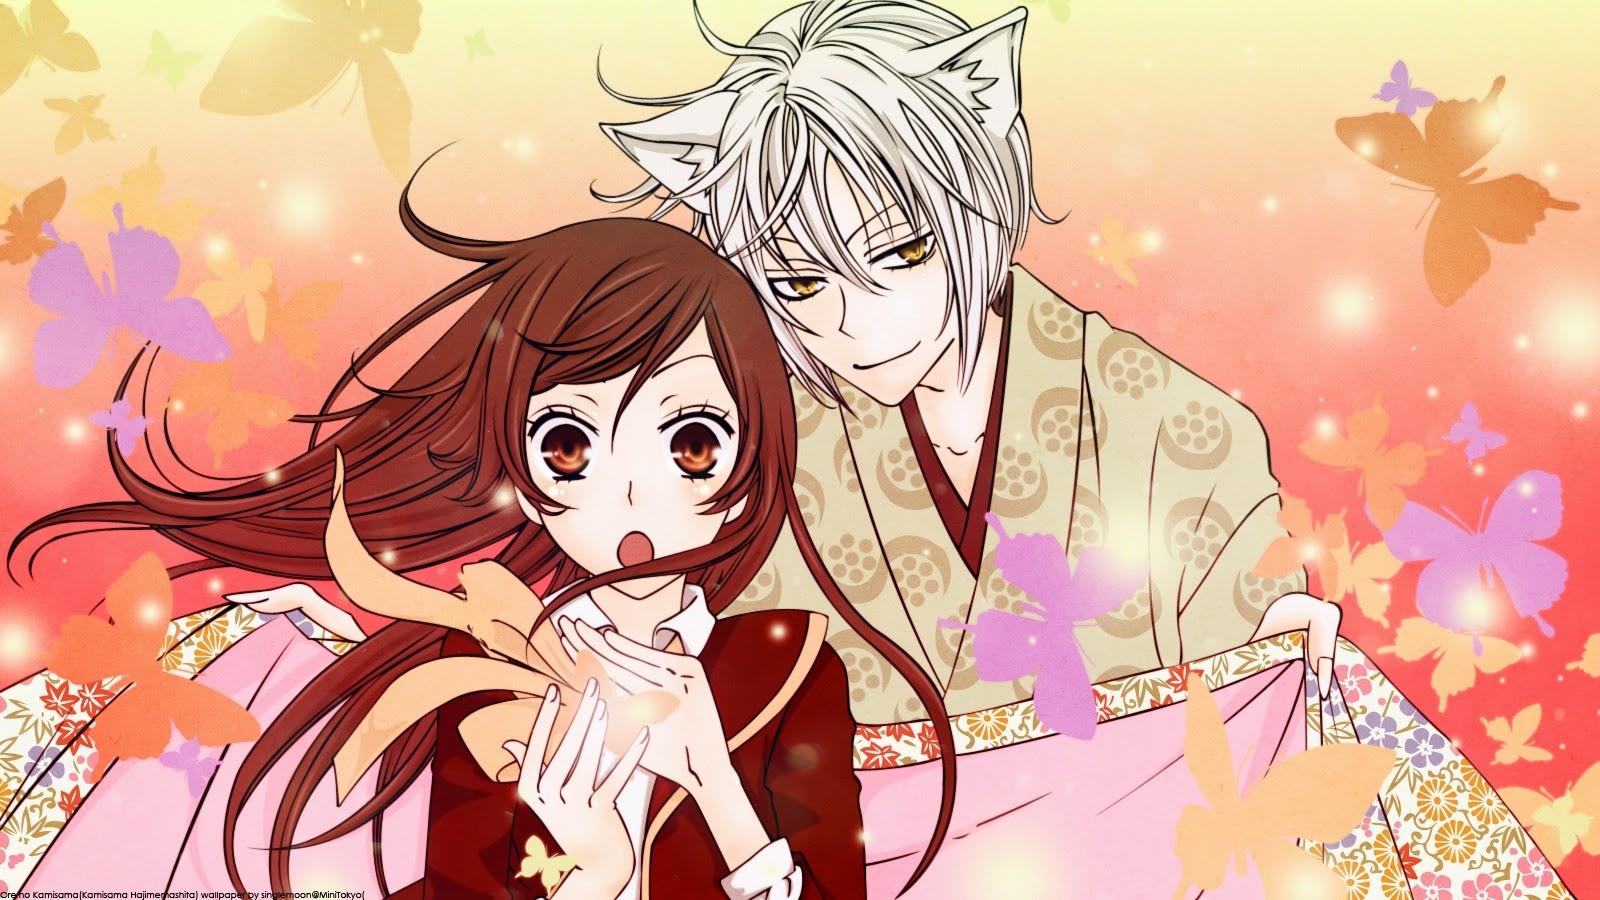 Fazia Tempo Que Eu Nao Via Um Anime De Romance Tao Divino Assim Muito Engracado Divertido Amor Honesto Puro GentilEsse Realmente Entrou